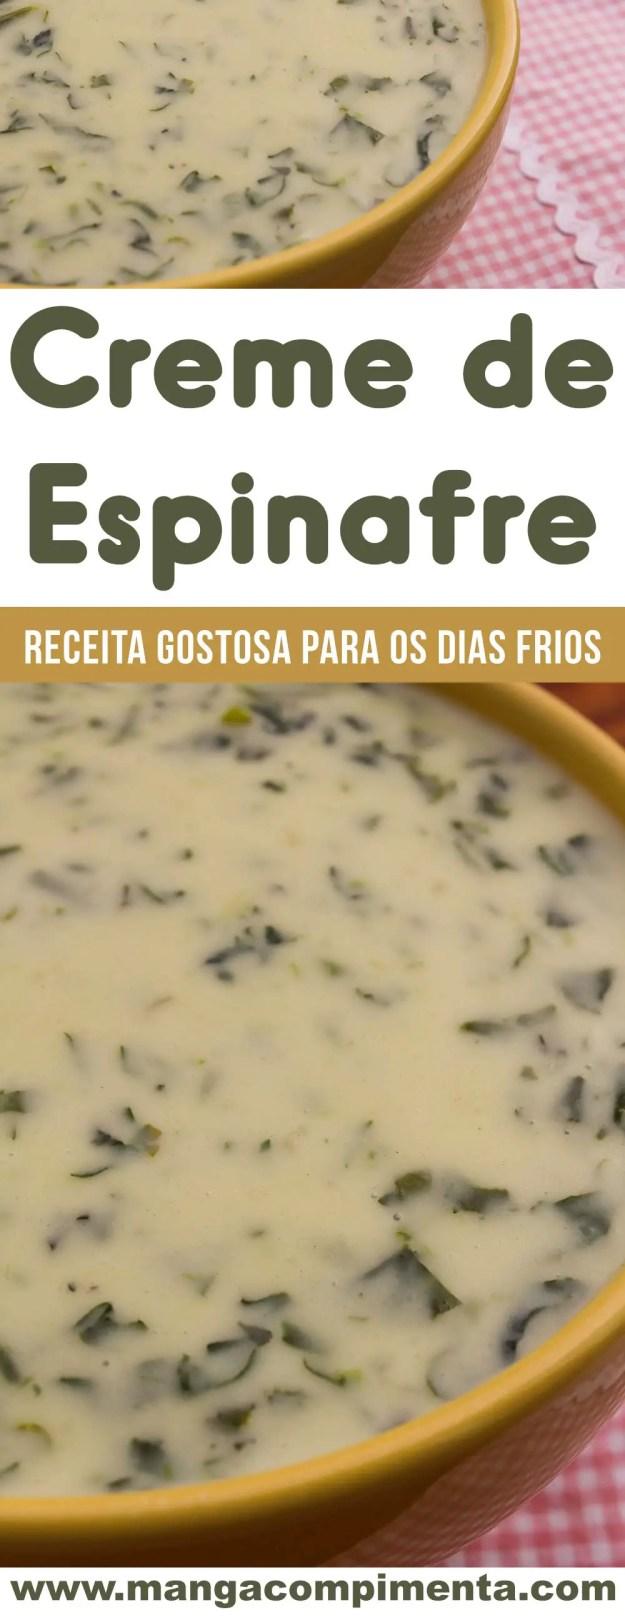 Creme de Espinafre - prepare essa receita nos dias mais frios.